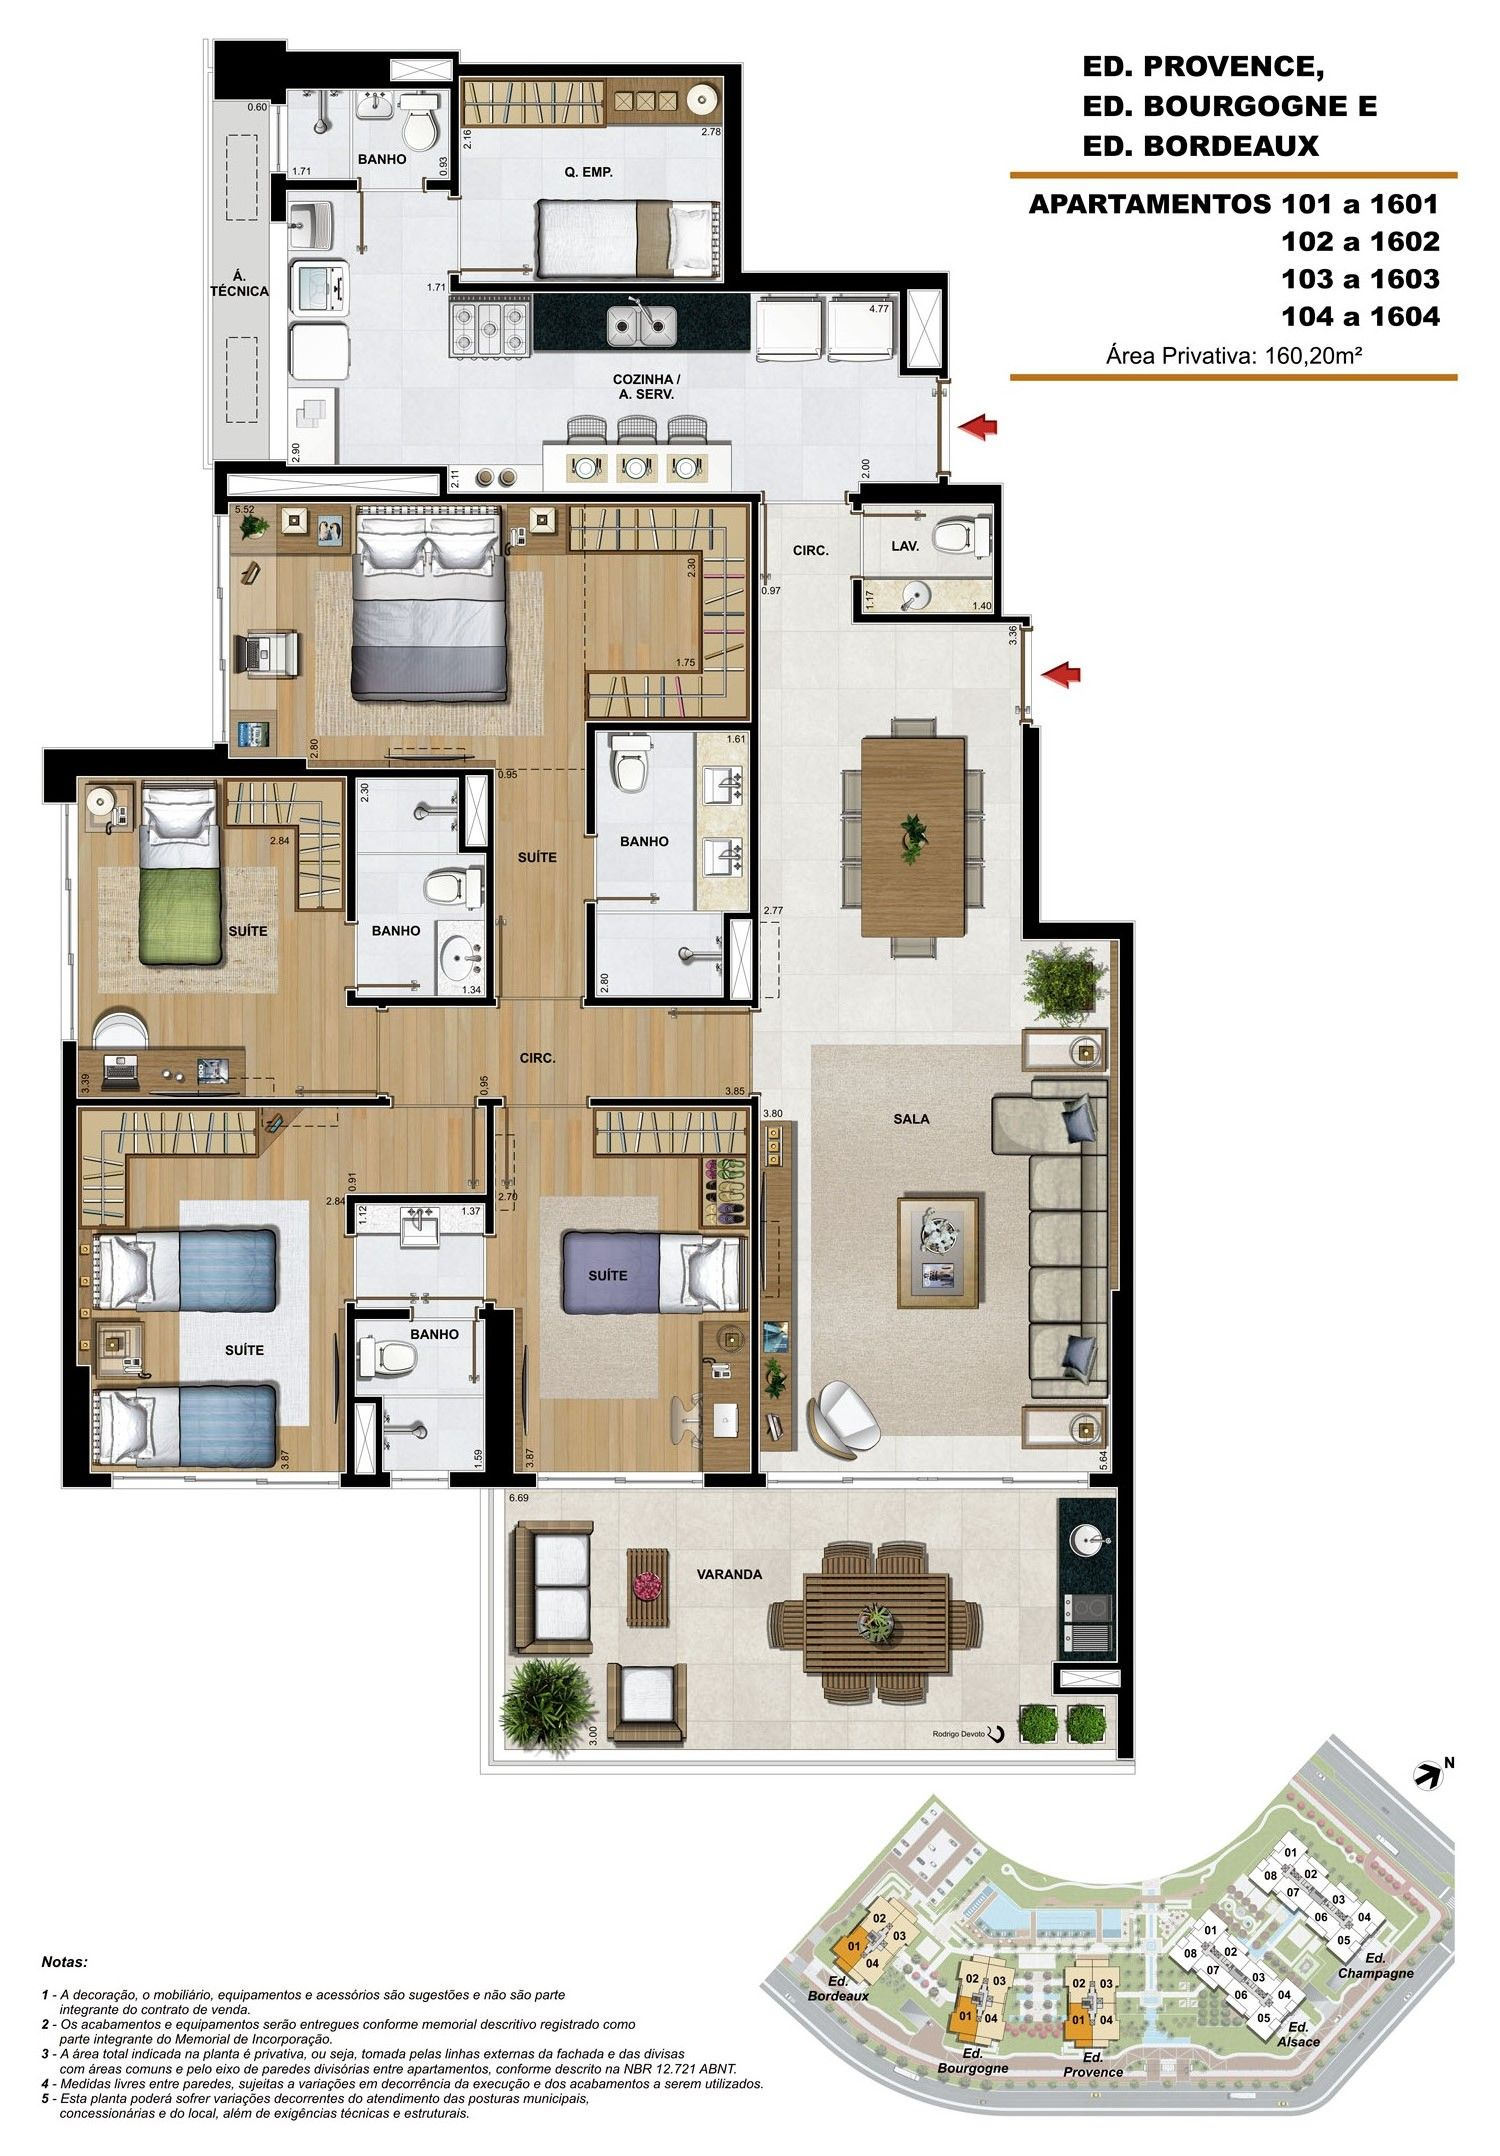 Pin De Everson Benck Em Plans Em 2020 Layout De Apartamento